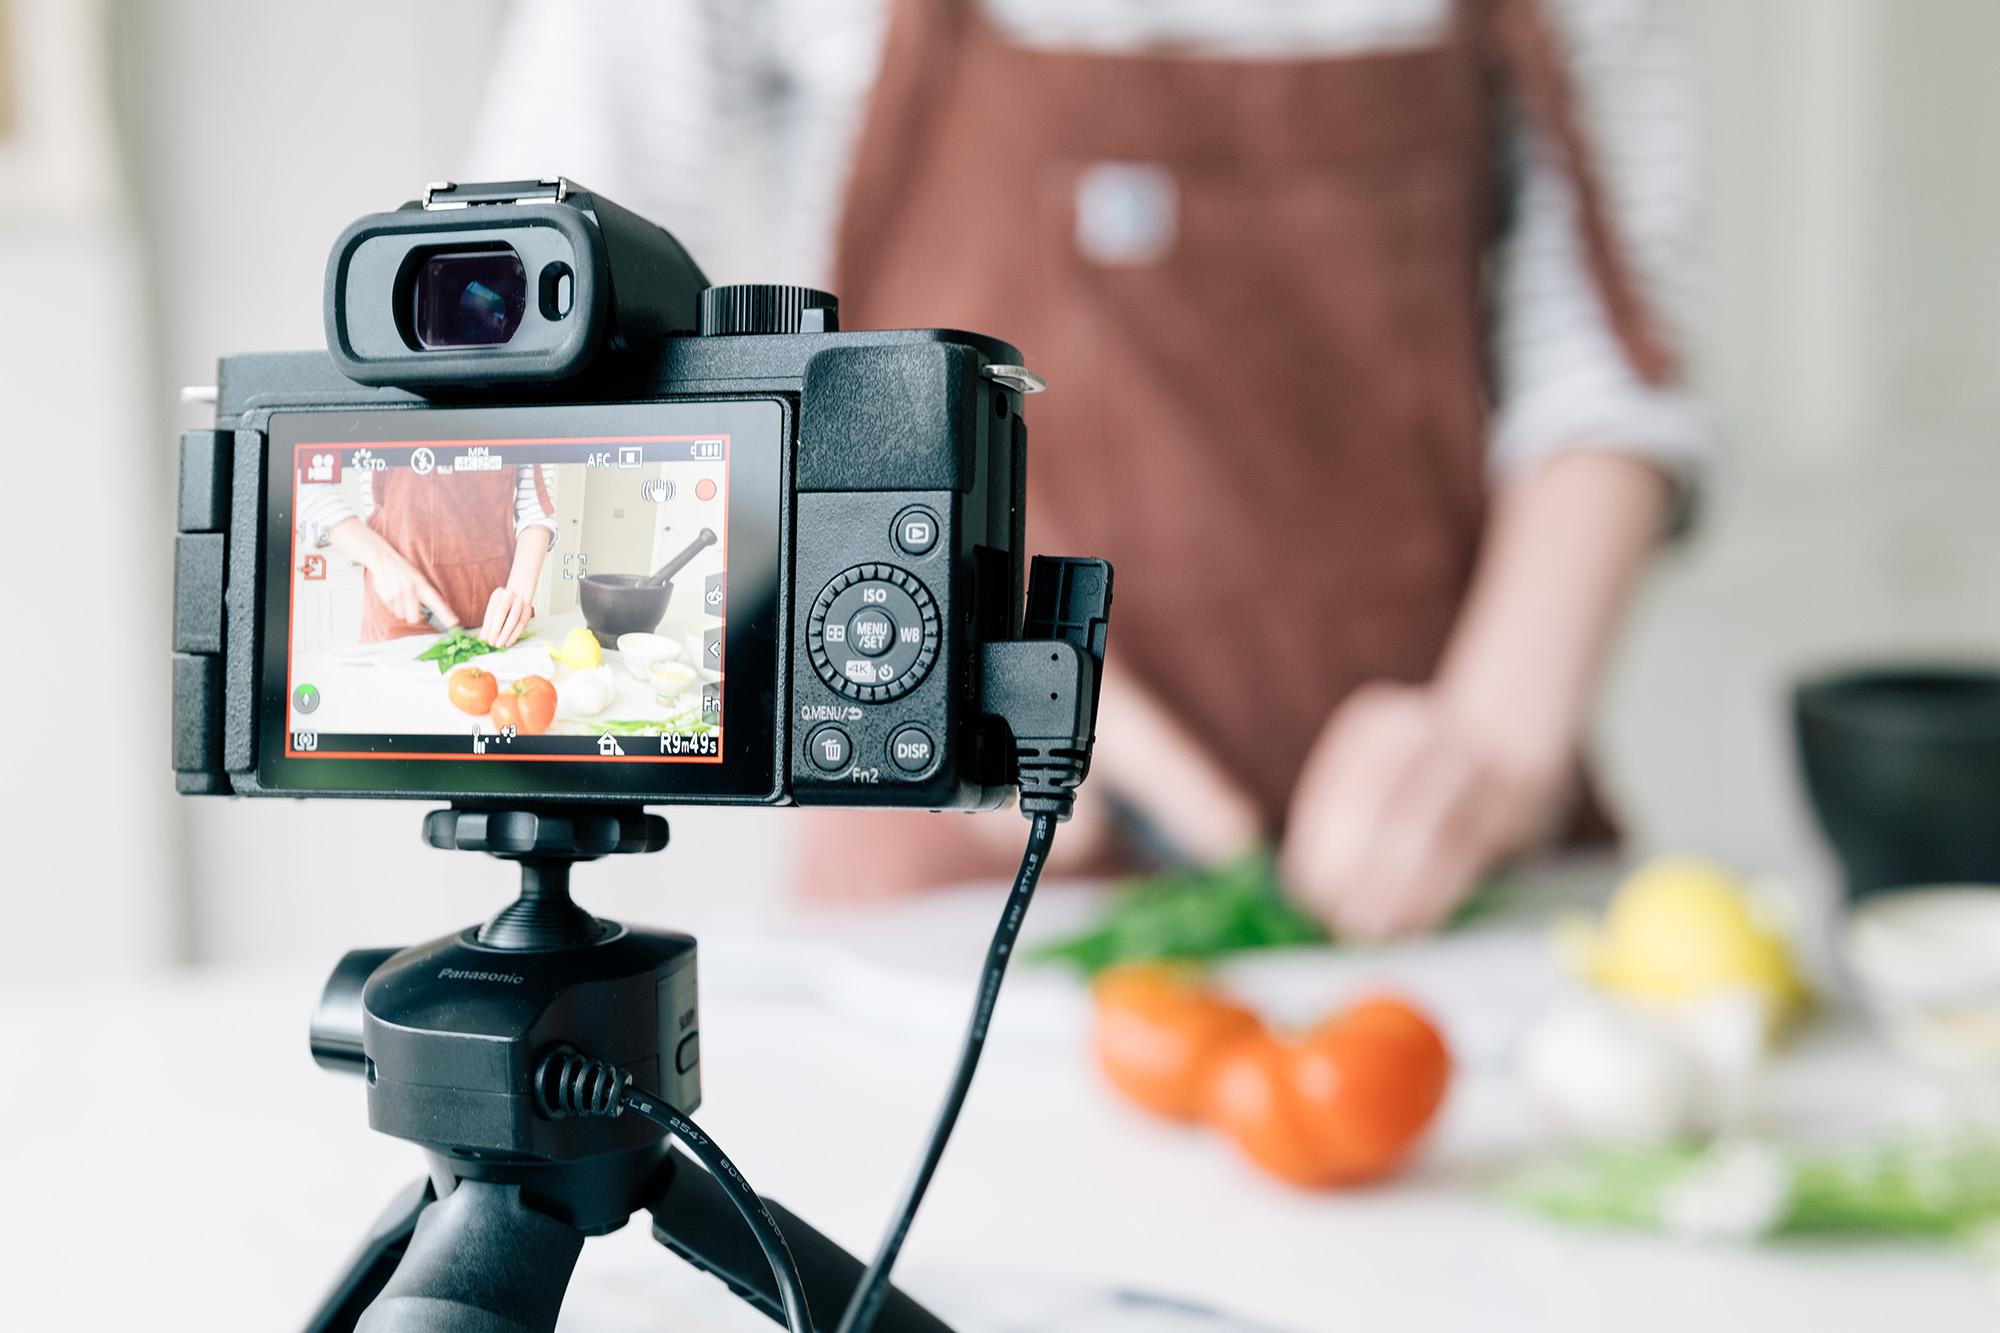 Die extrem kompakte Systemkamera LUMIX G110 ist jedem Smartphone überlegen. Sie bietet einen MFT-Sensor mit einer Auflösung von 20 Megapixel, einen hochauflösenden Sucher, ein dreh- und schwenkbares Touch-Display sowie 4K-Video mit OZO Audio-System.